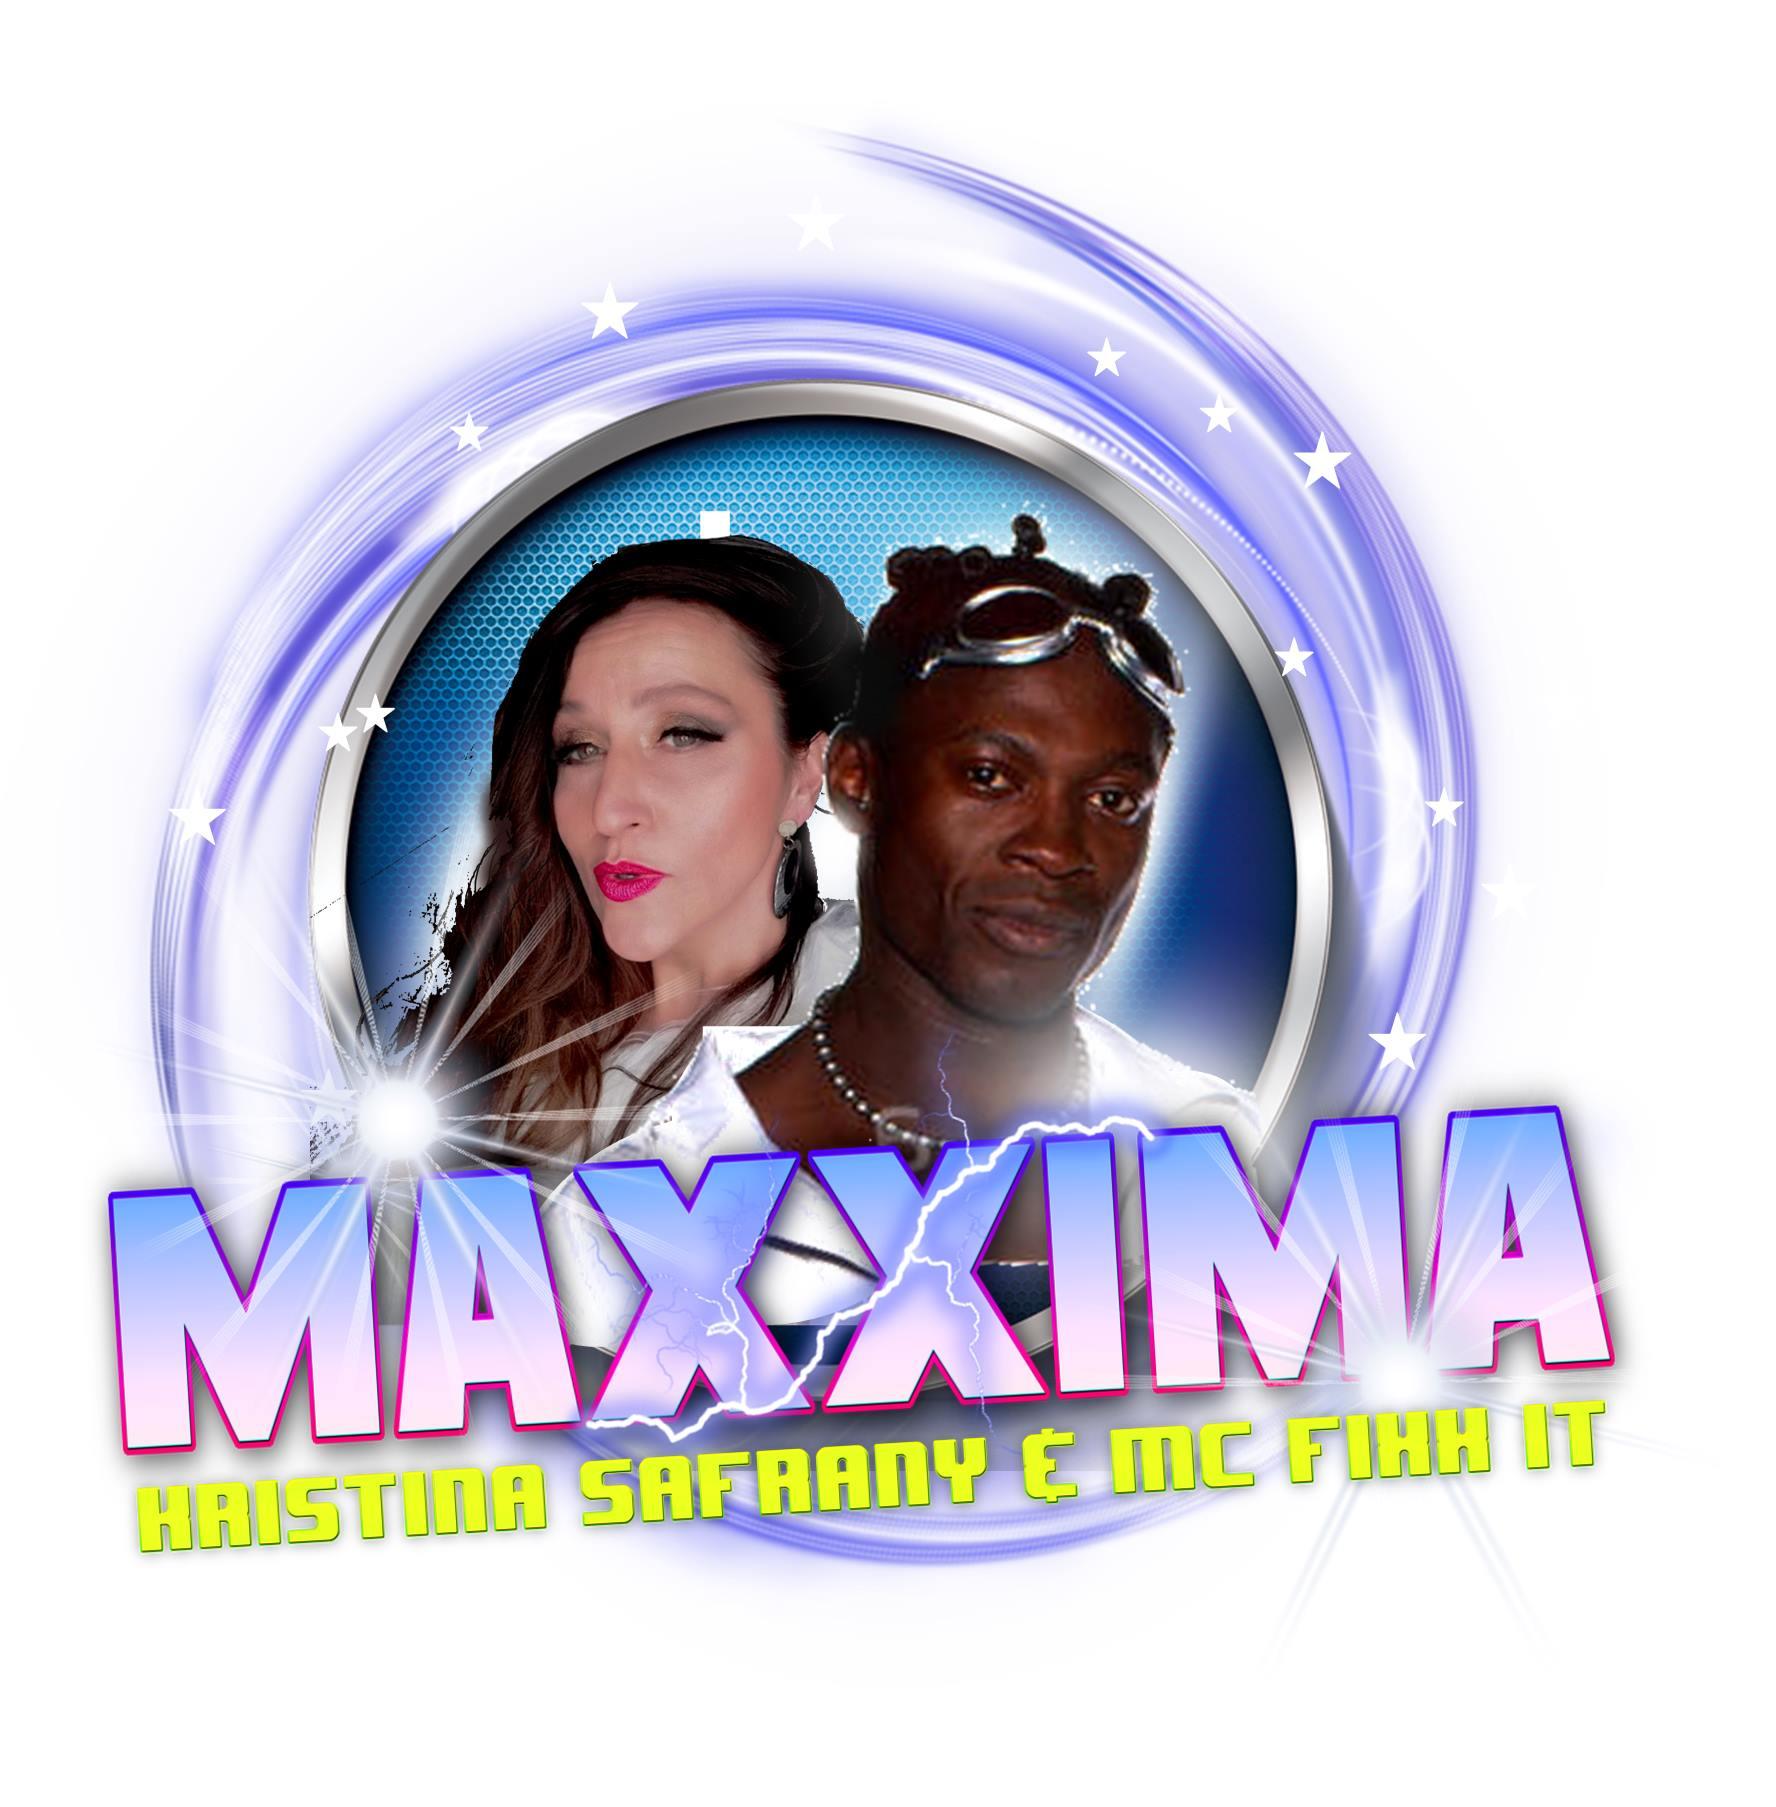 Maxxima - No Regrets (neues Album, wieder im Cappella Stil)